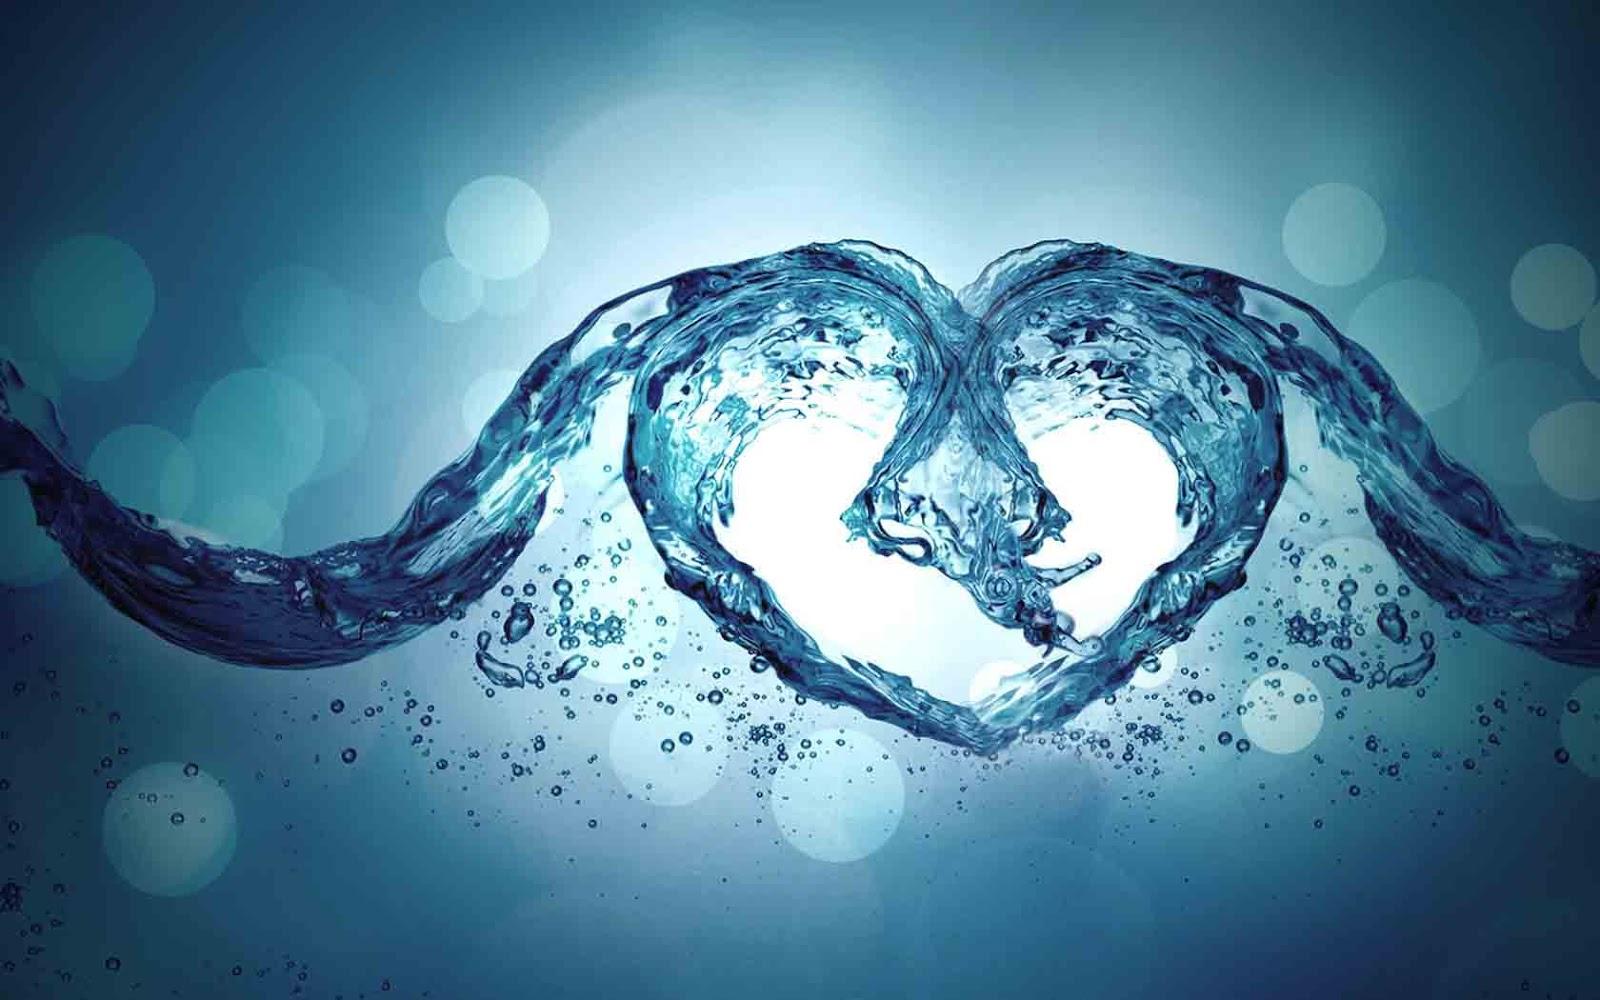 http://1.bp.blogspot.com/-Ou63AUGifSw/TzSdJQTf05I/AAAAAAAAALE/owUP1fBW45s/s1600/Desktop-water-waves-color1.jpg